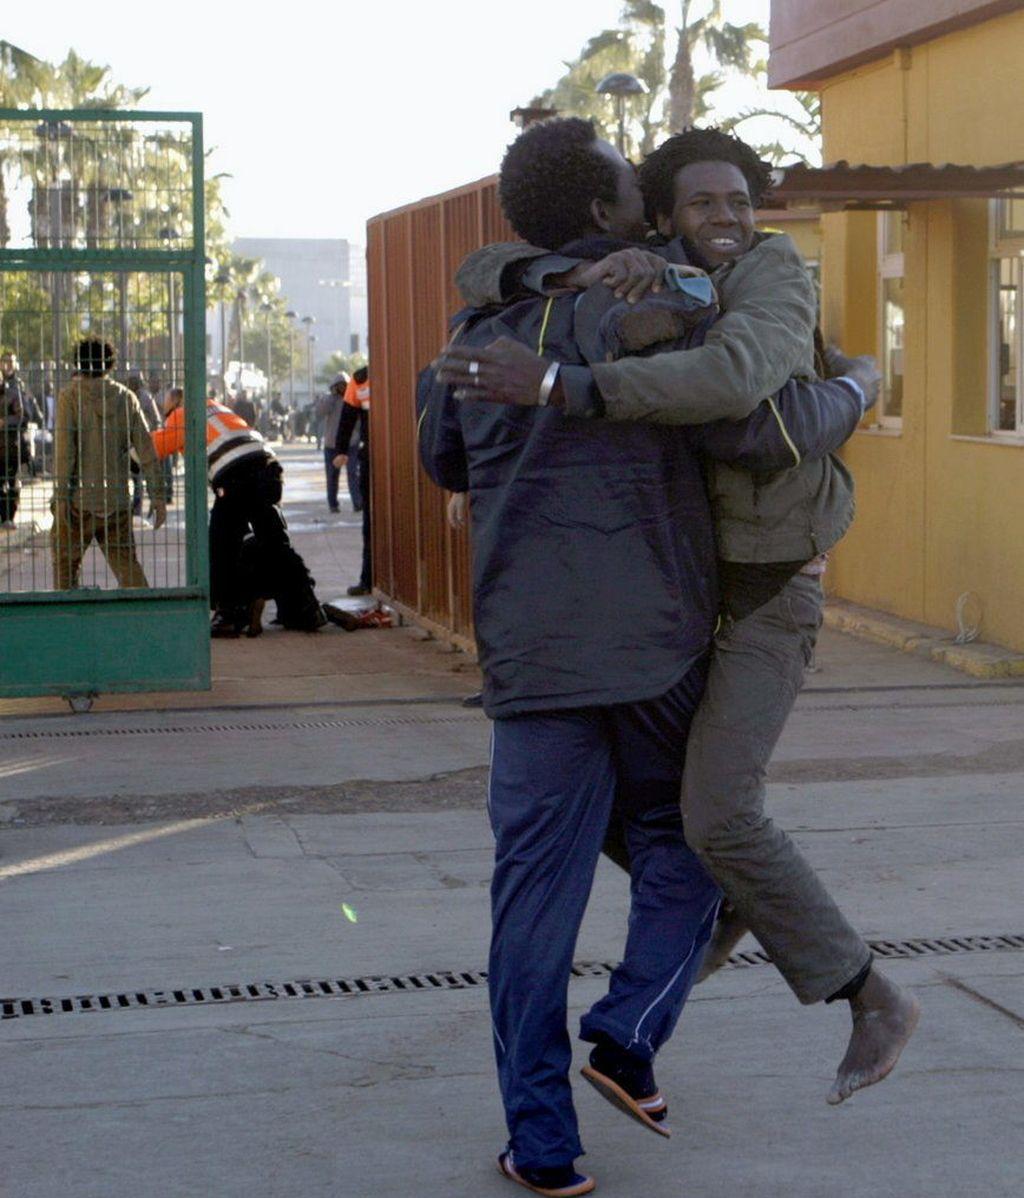 Inmigrantes se abrazan al llegar al CETI de Melilla